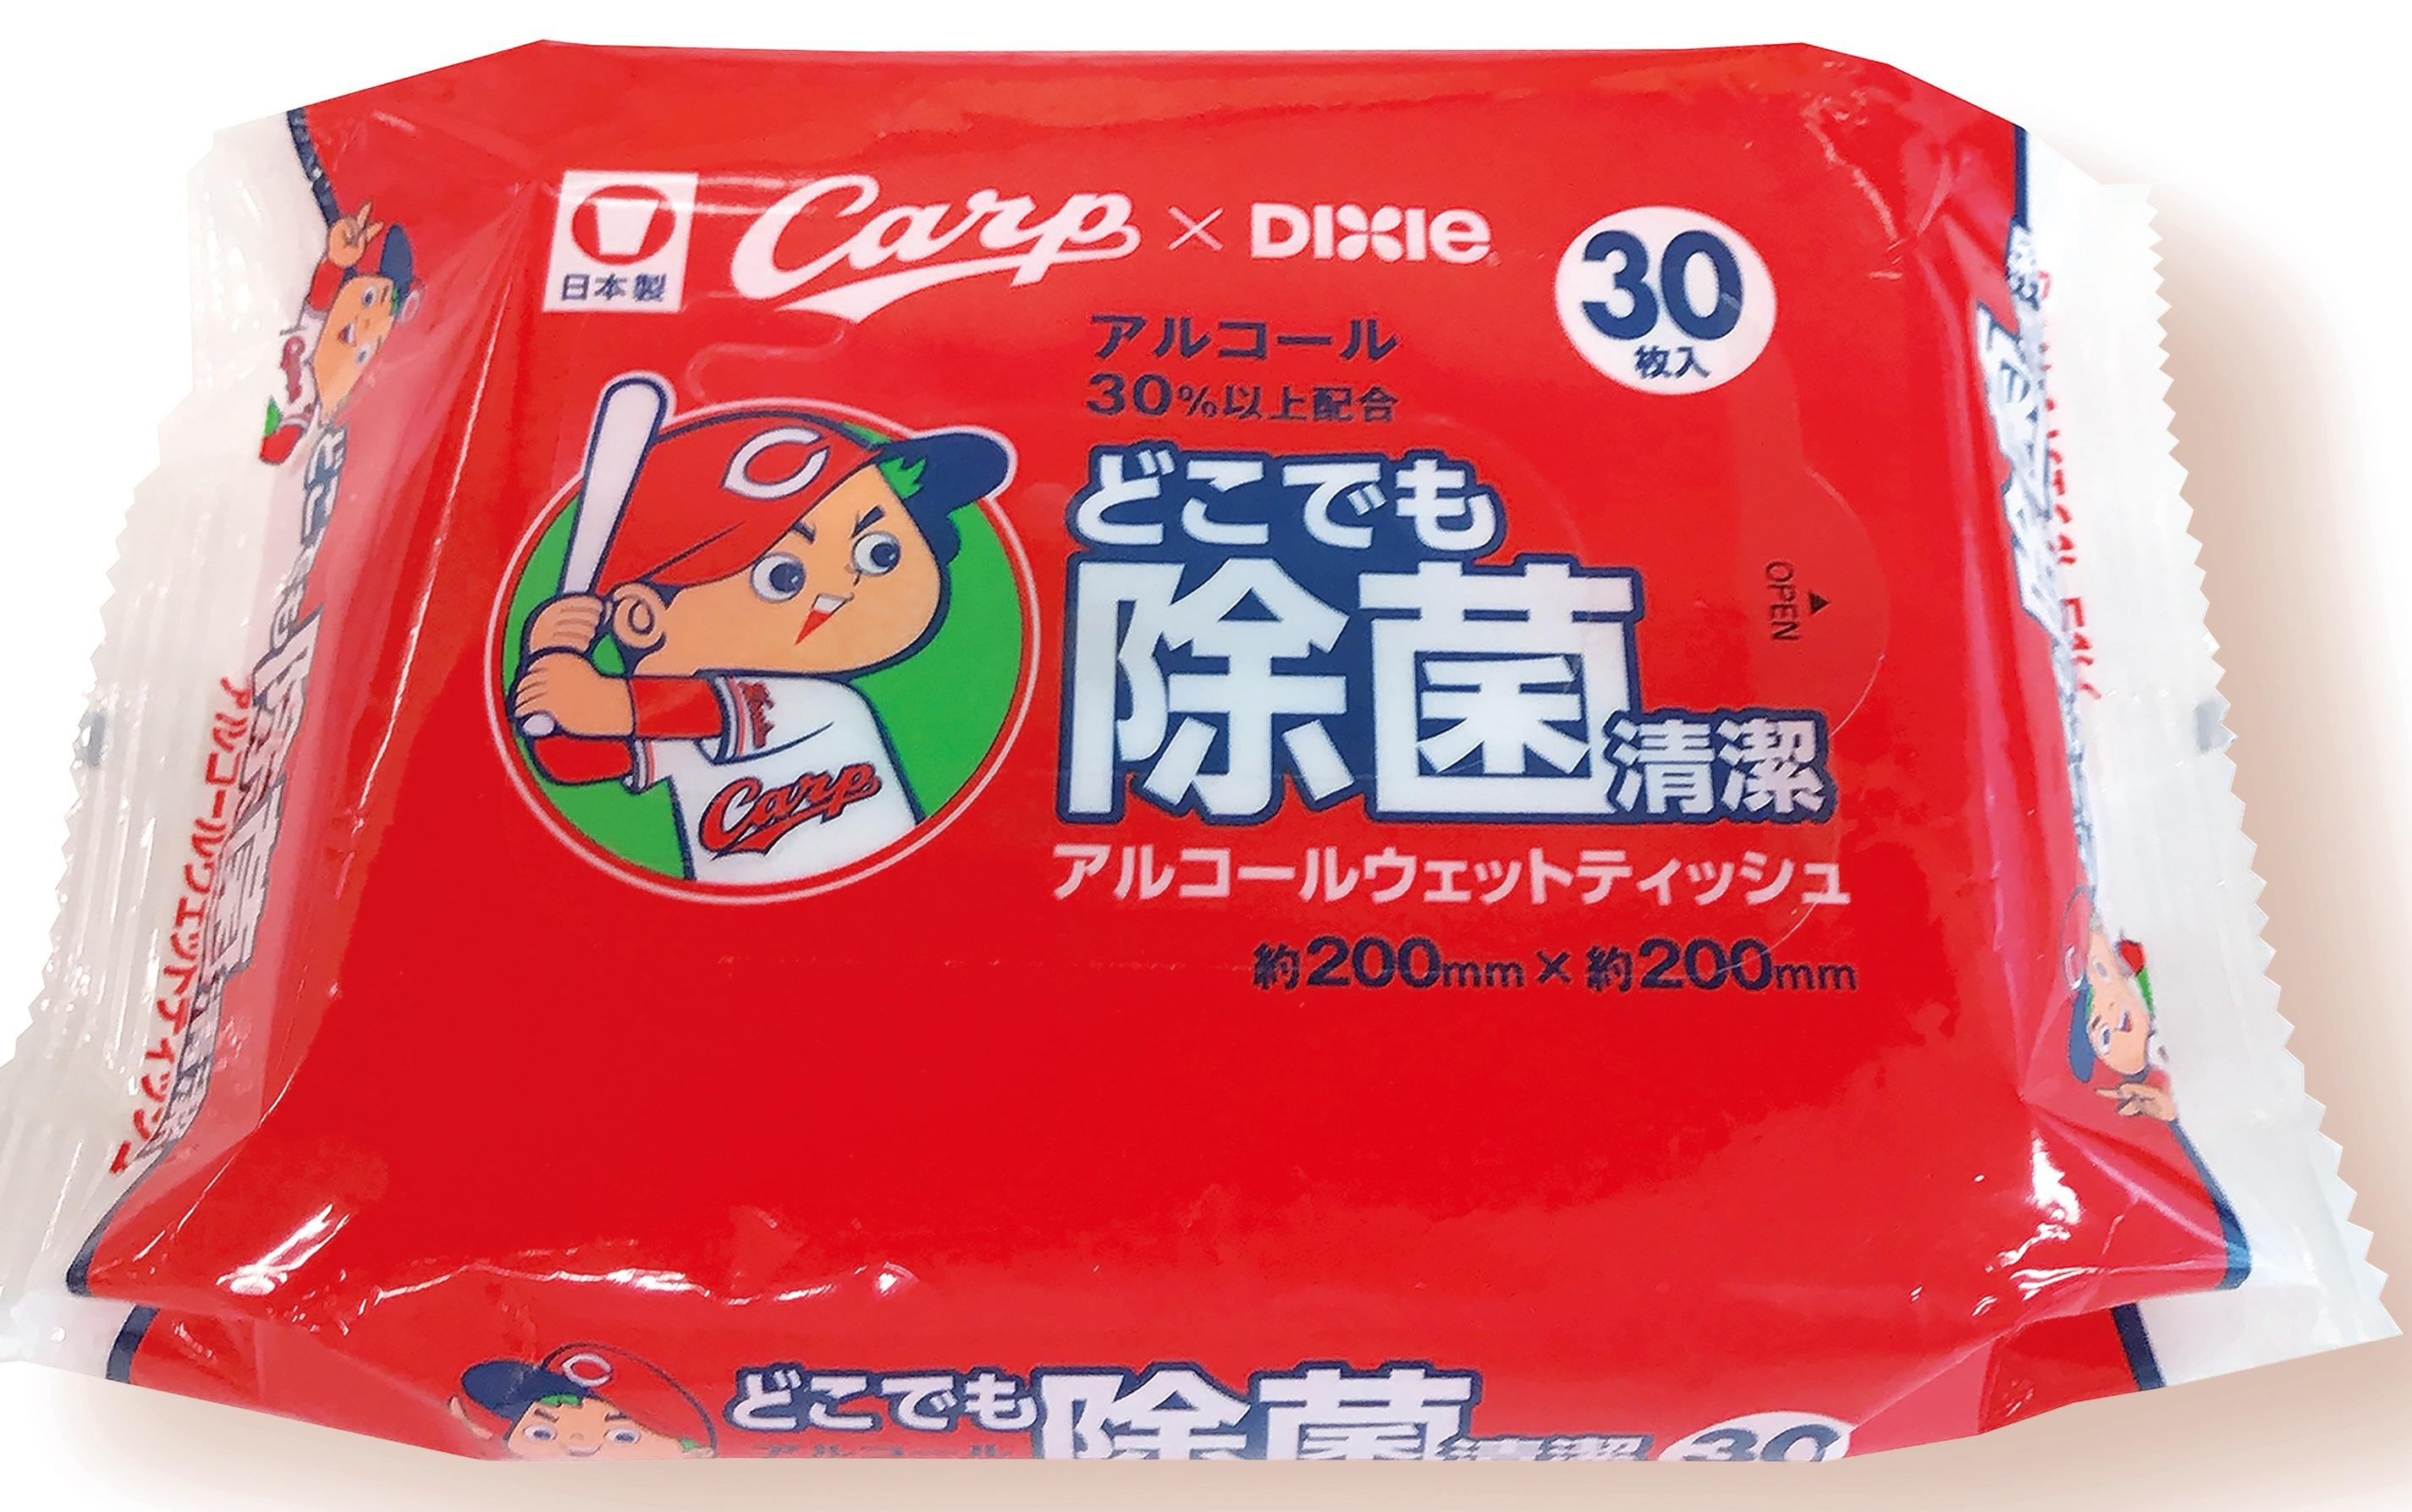 広島カープどこでも除菌アルコールウェットティッシュ30枚入り